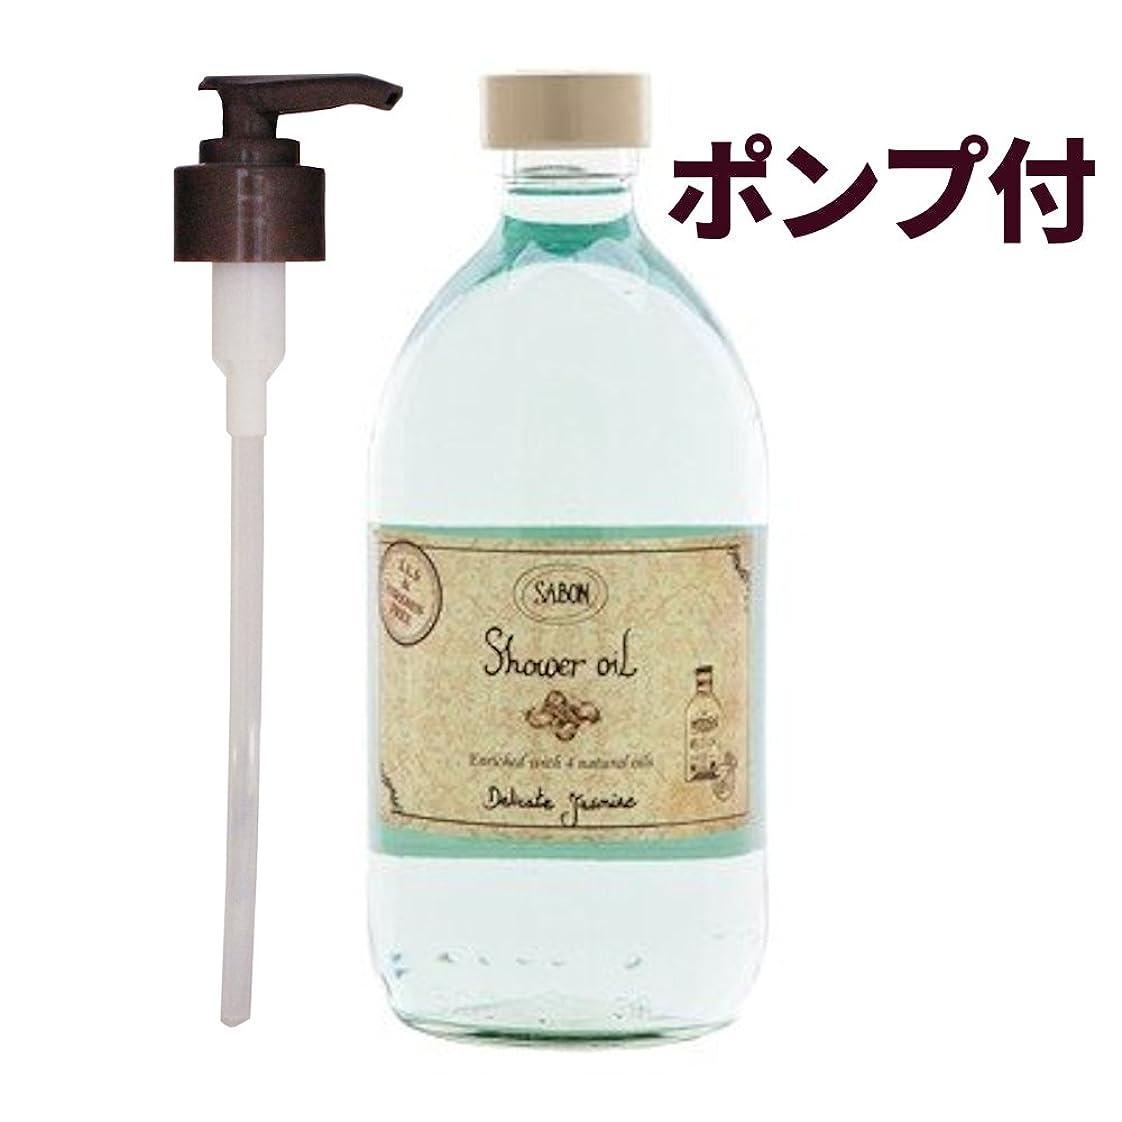 お兵器庫飲み込むサボン シャワーオイル デリケートジャスミン500ml(並行輸入品)